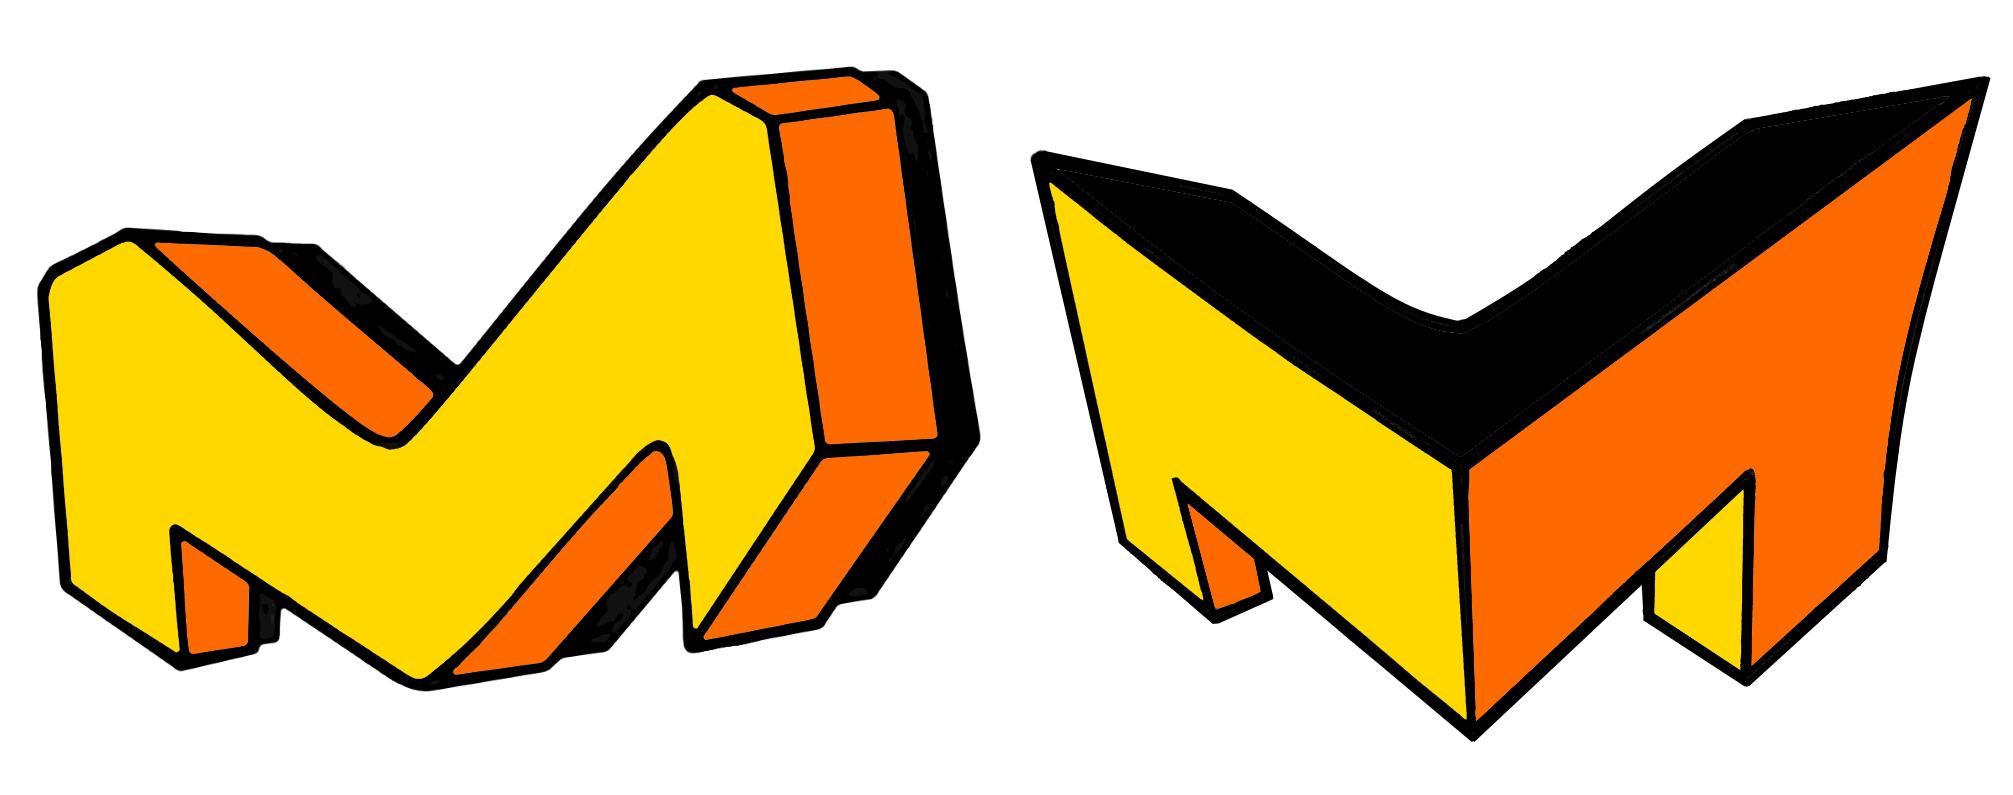 3D Buchstaben zeichnen - Graffiti Buchstaben